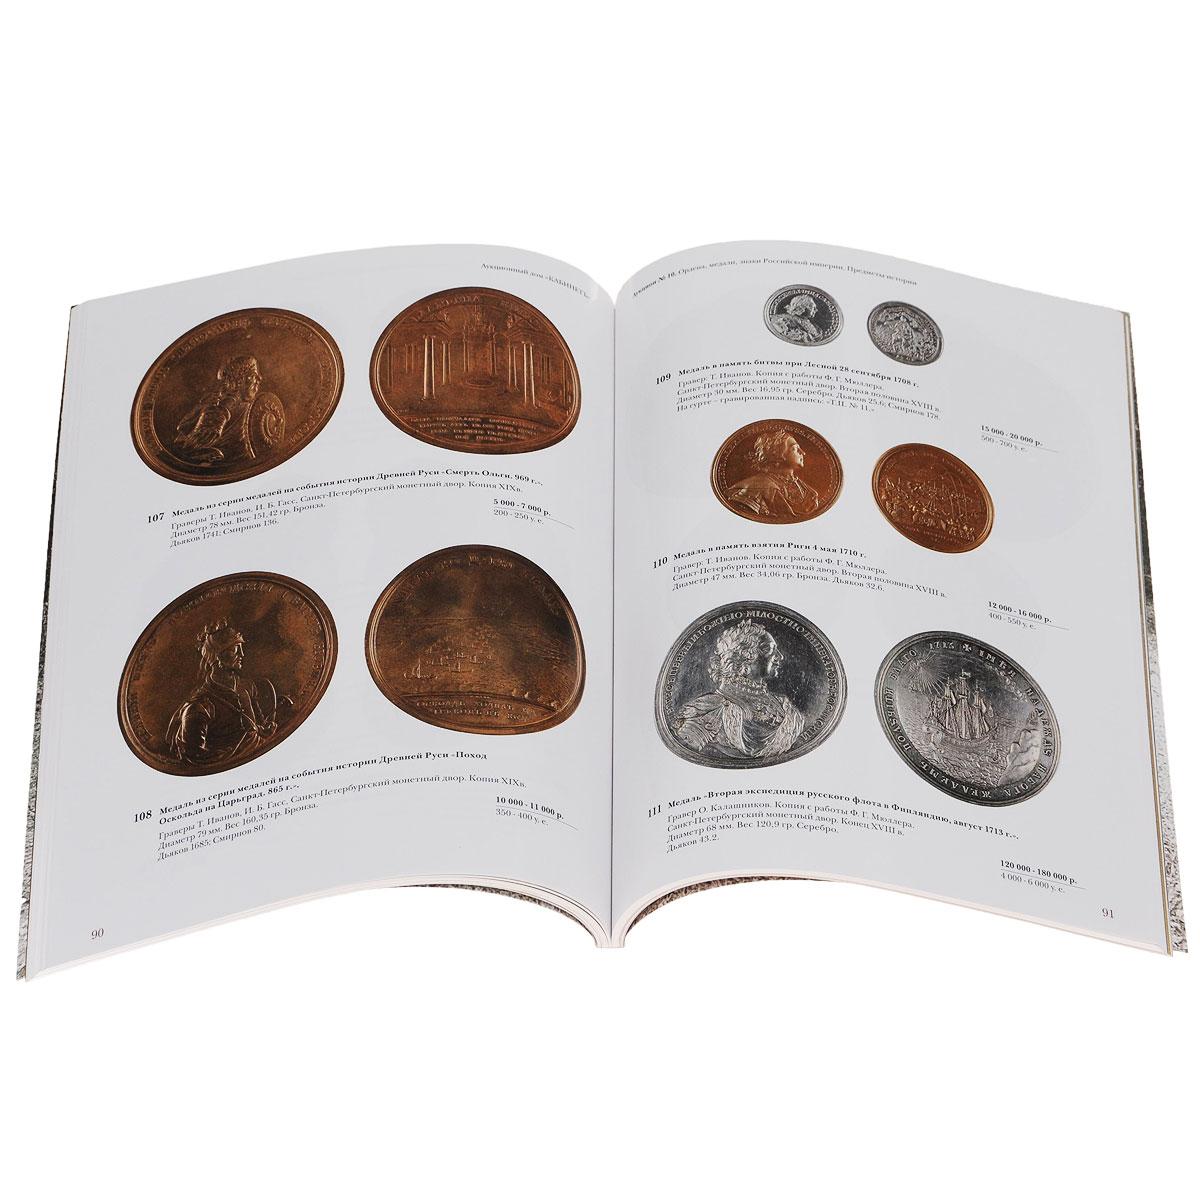 Ордена, медали, знаки Российской империи. Предметы истории. Аукцион №10 (22)